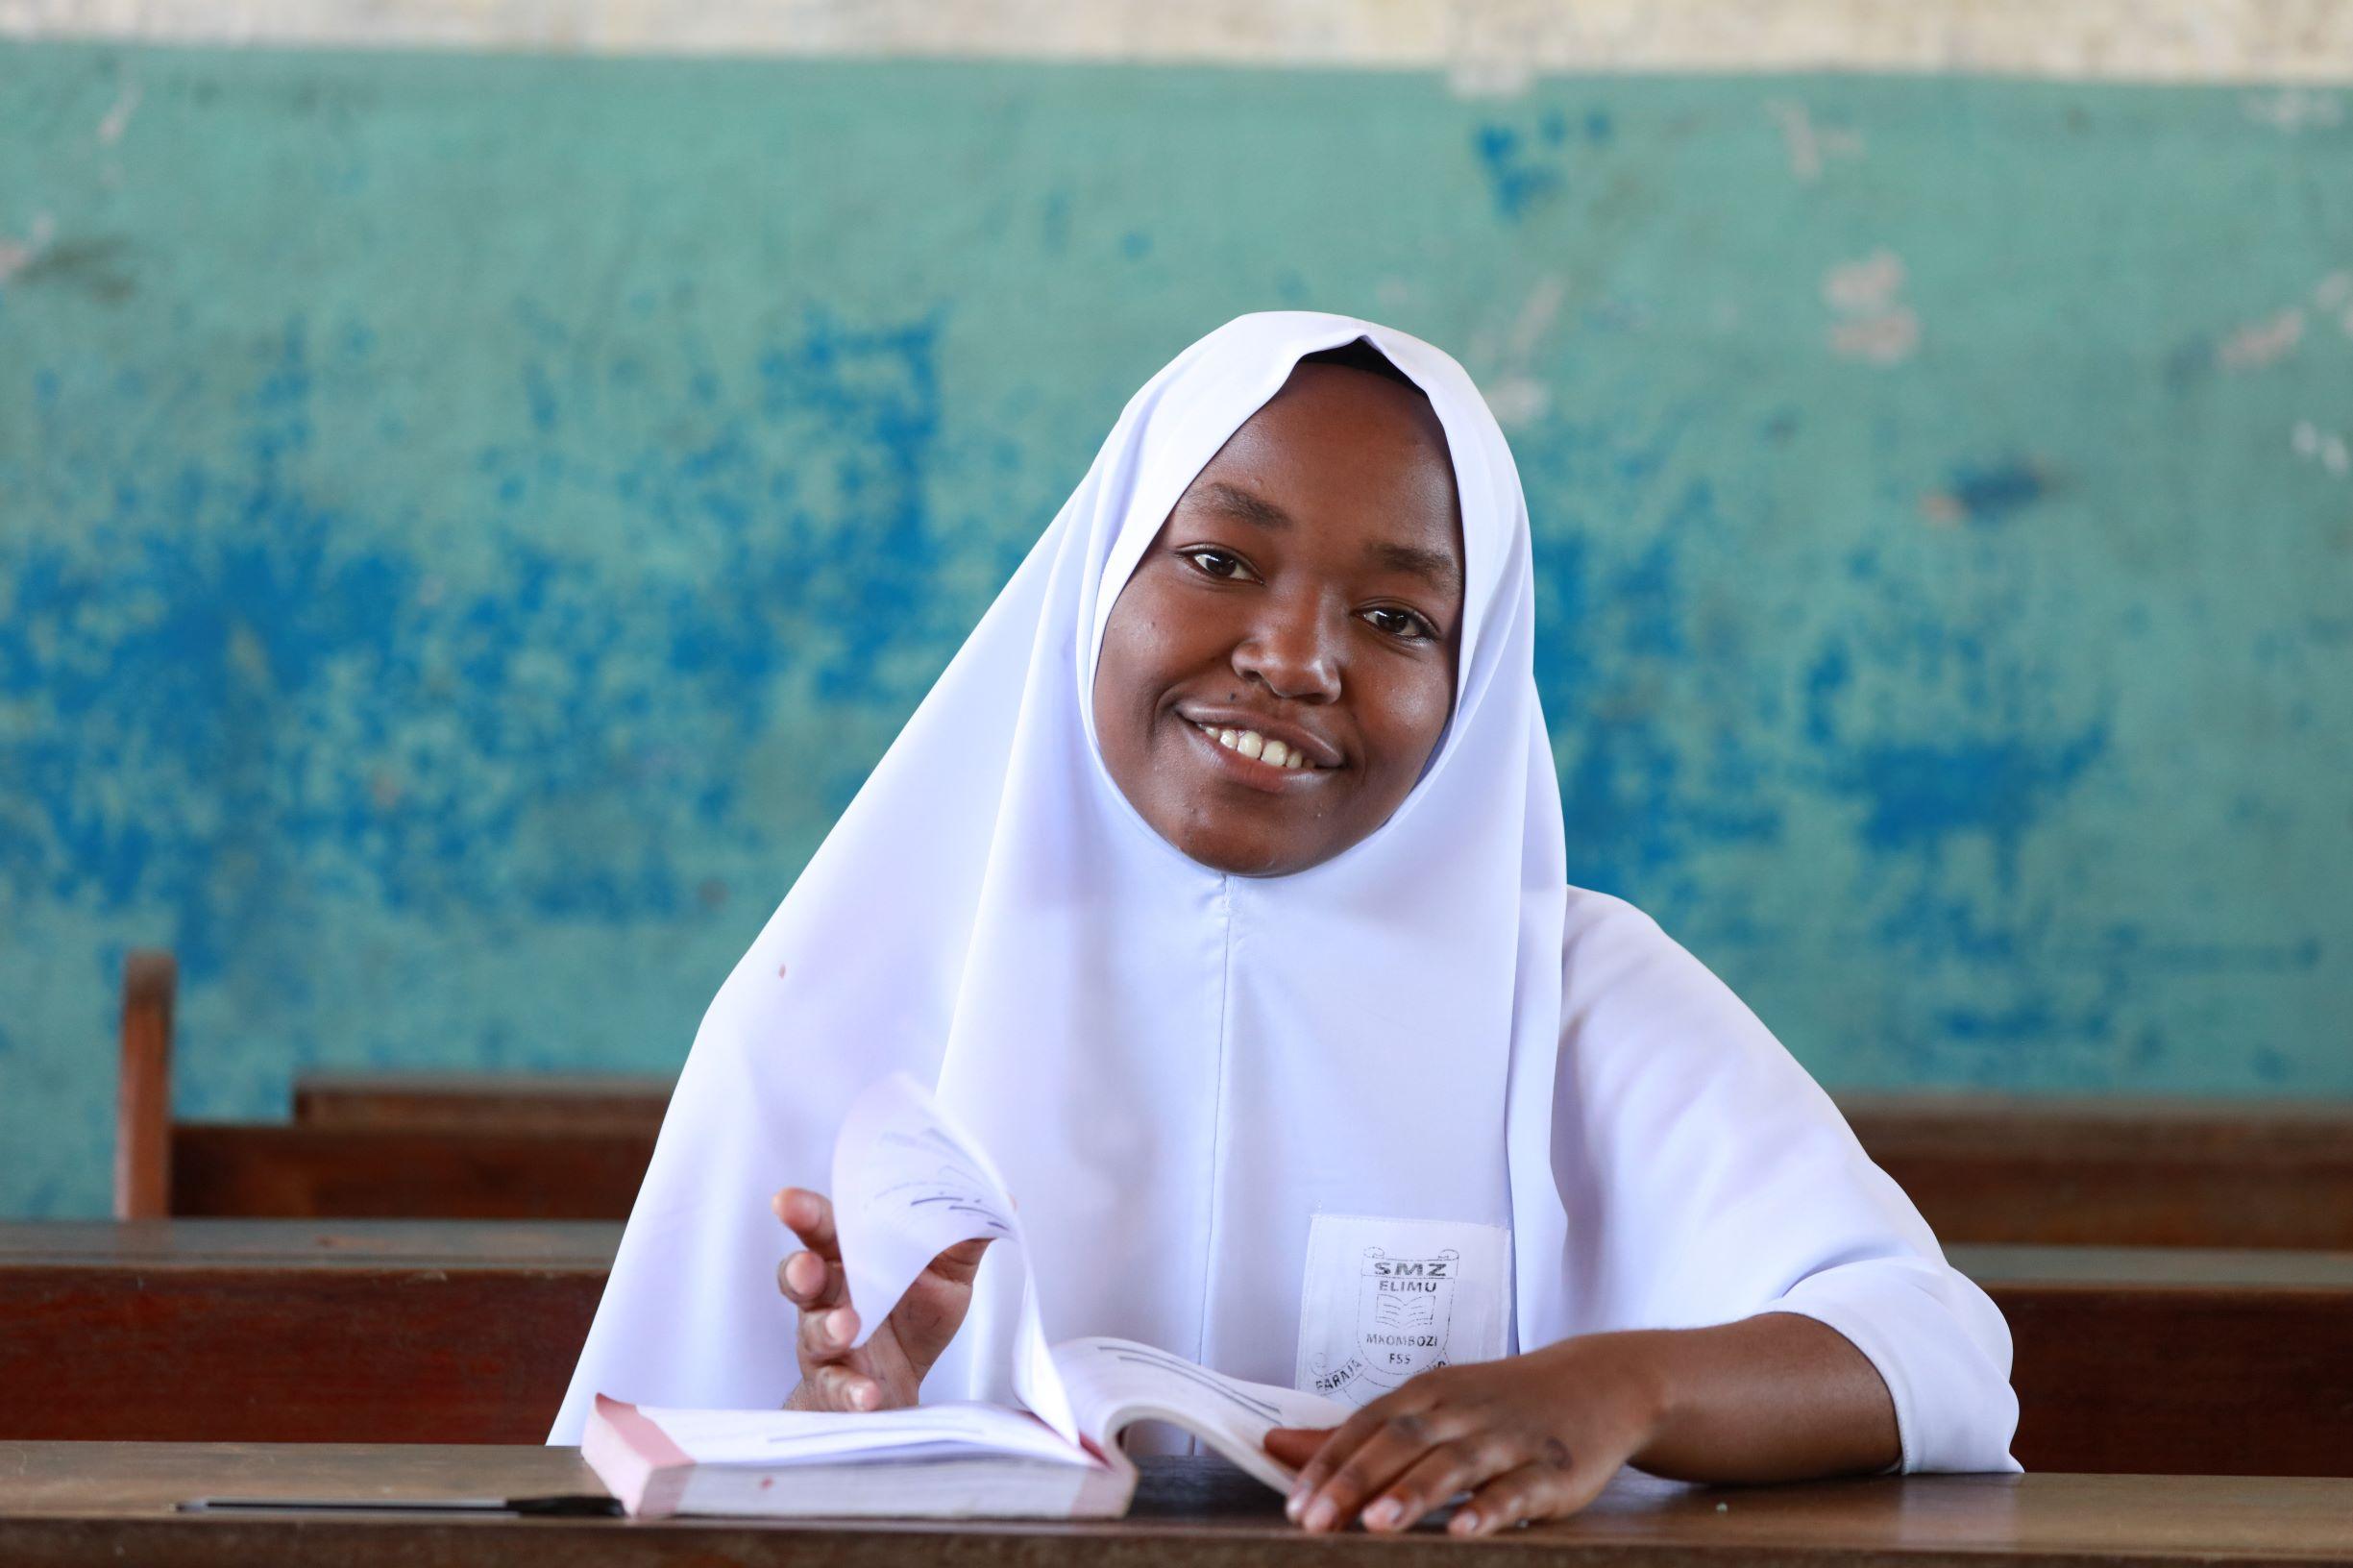 Child campaigner in Tanzania, Asia, aged 17